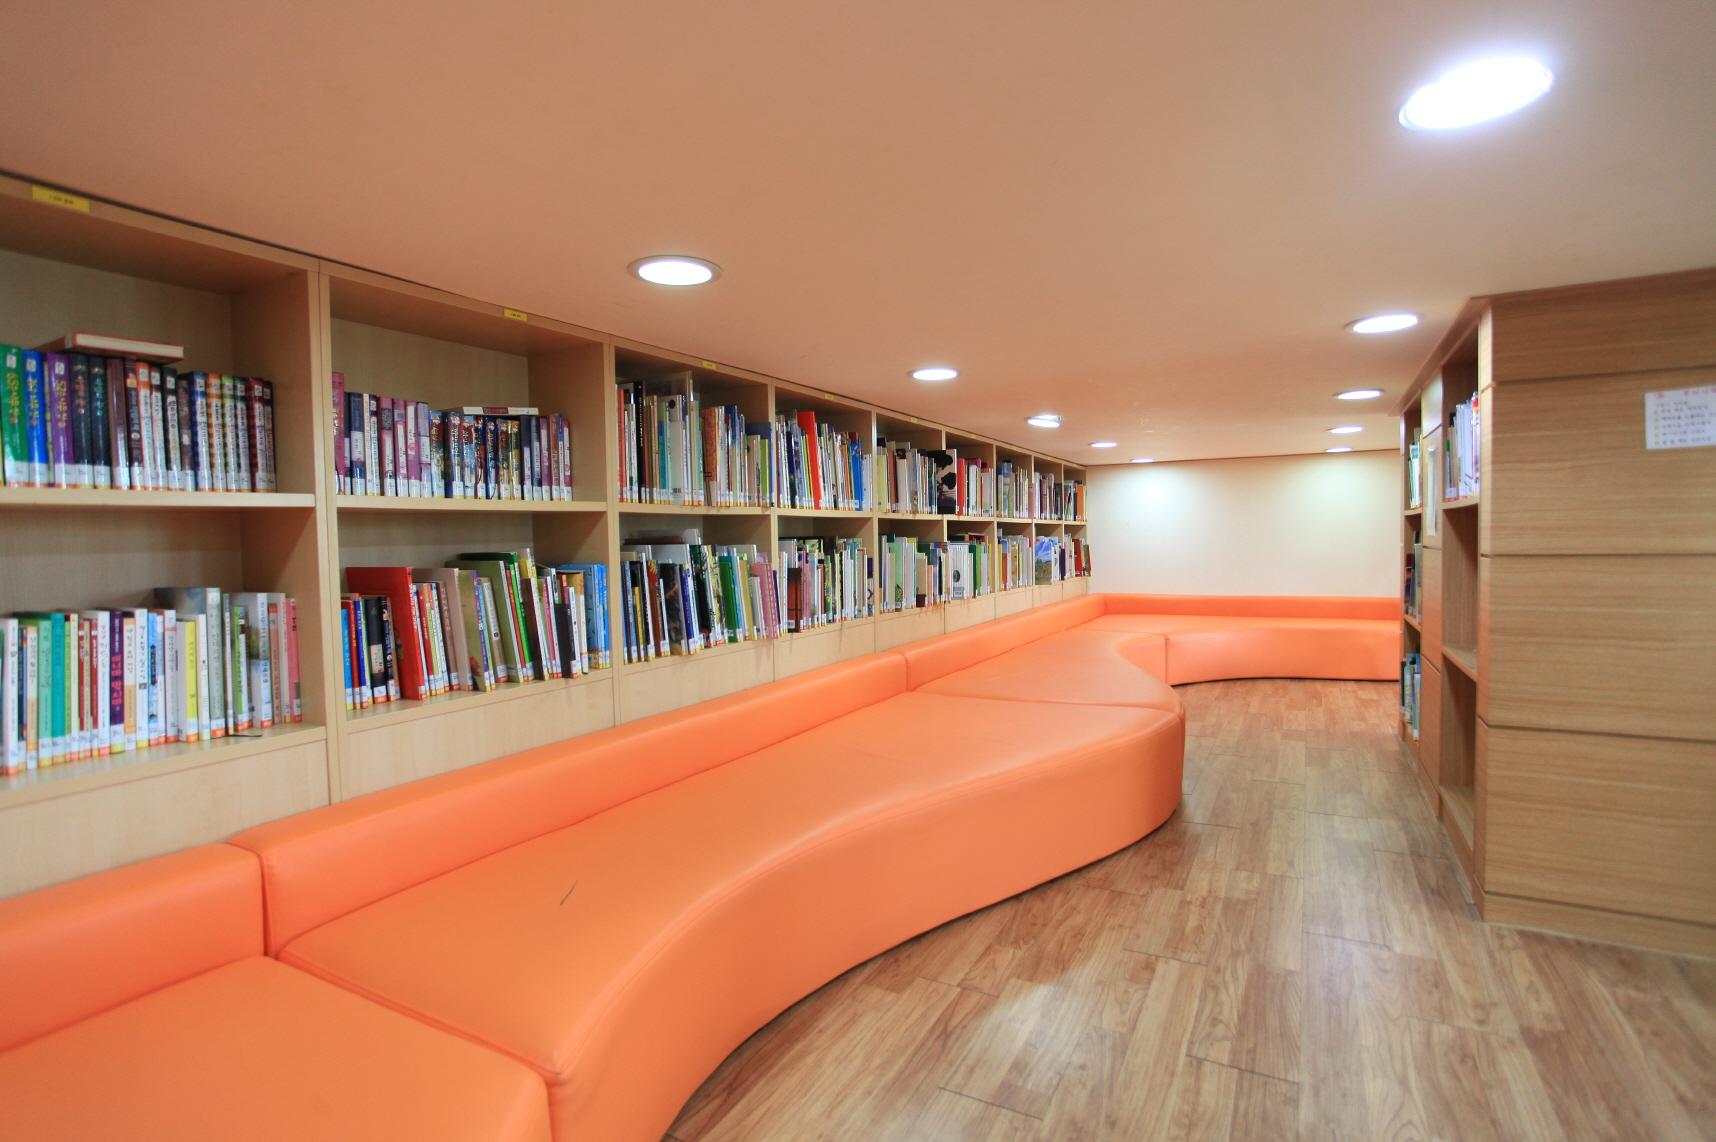 별난독서캠핑장 내부사진1